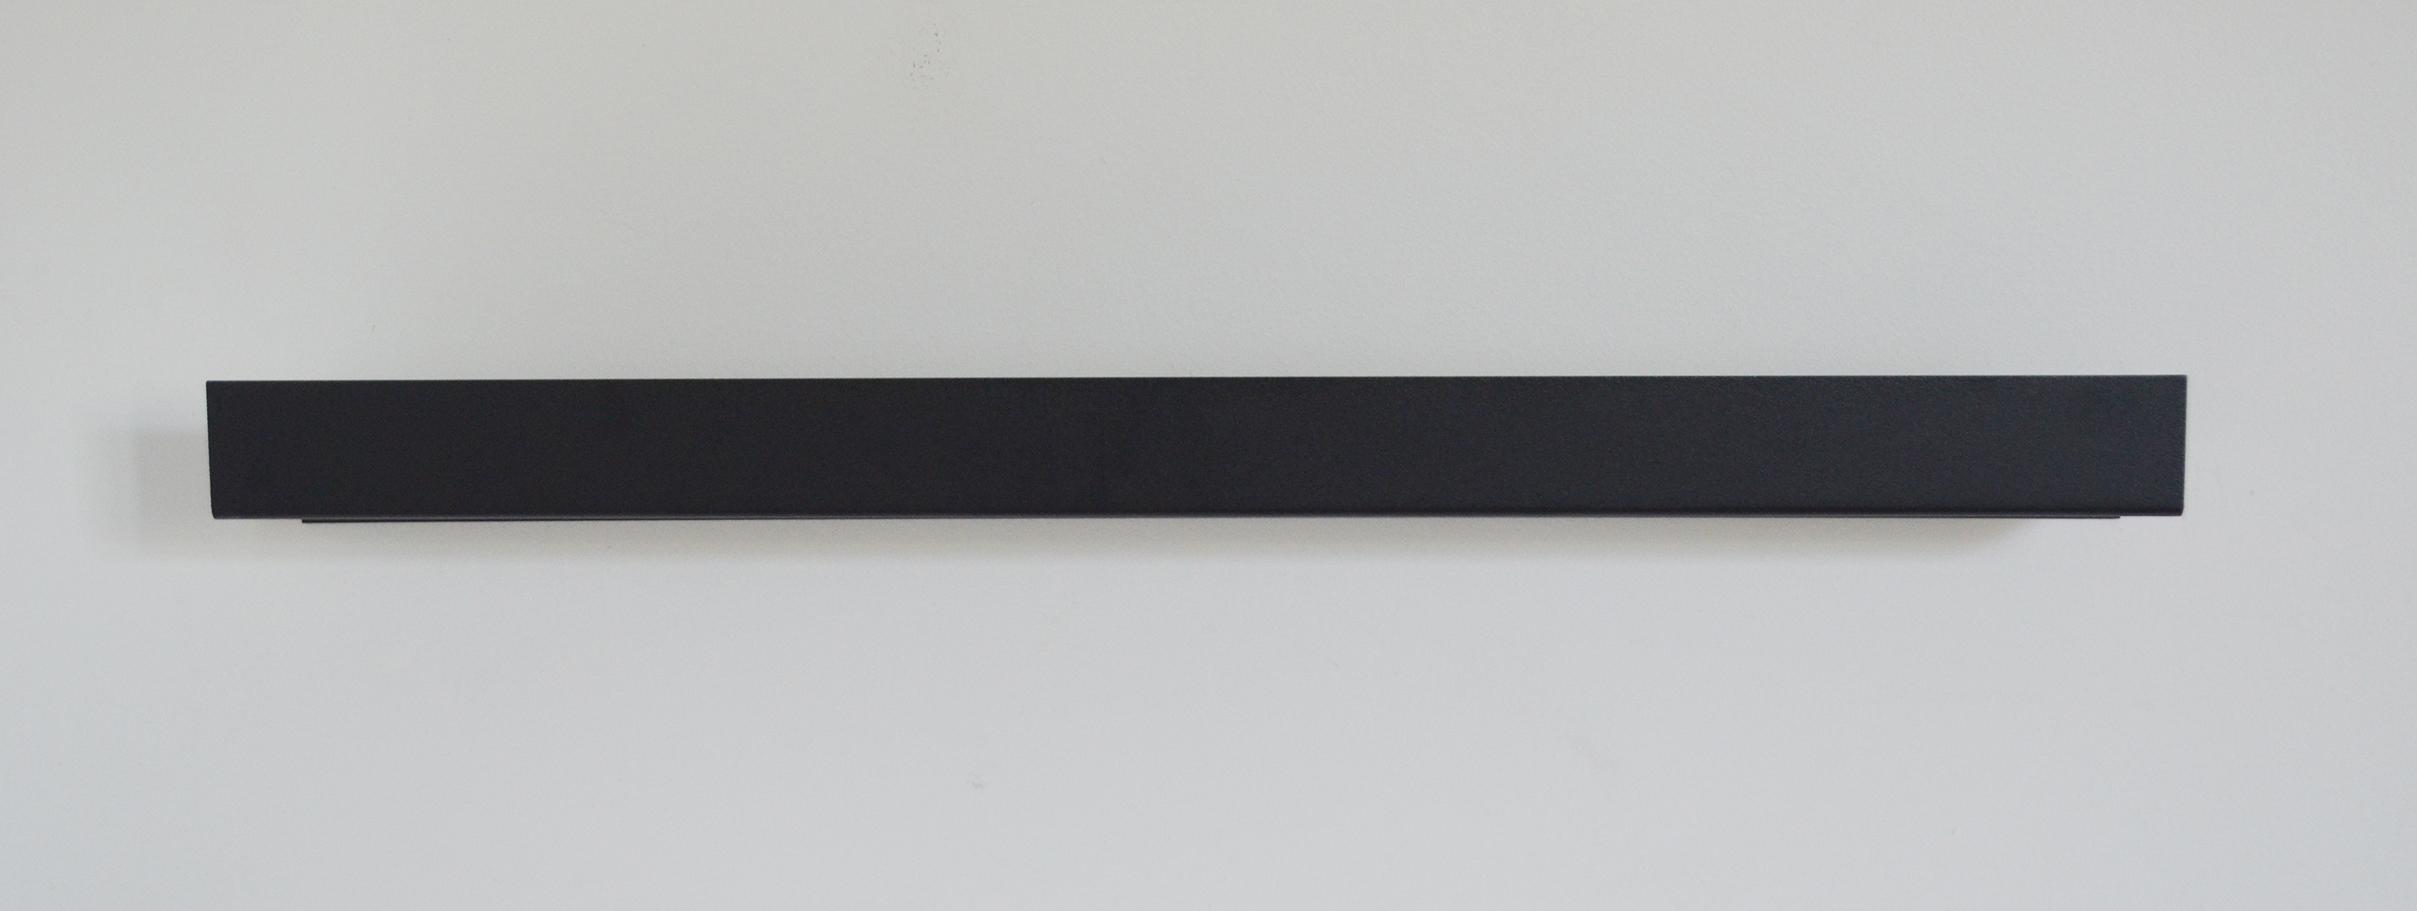 DSC_1929